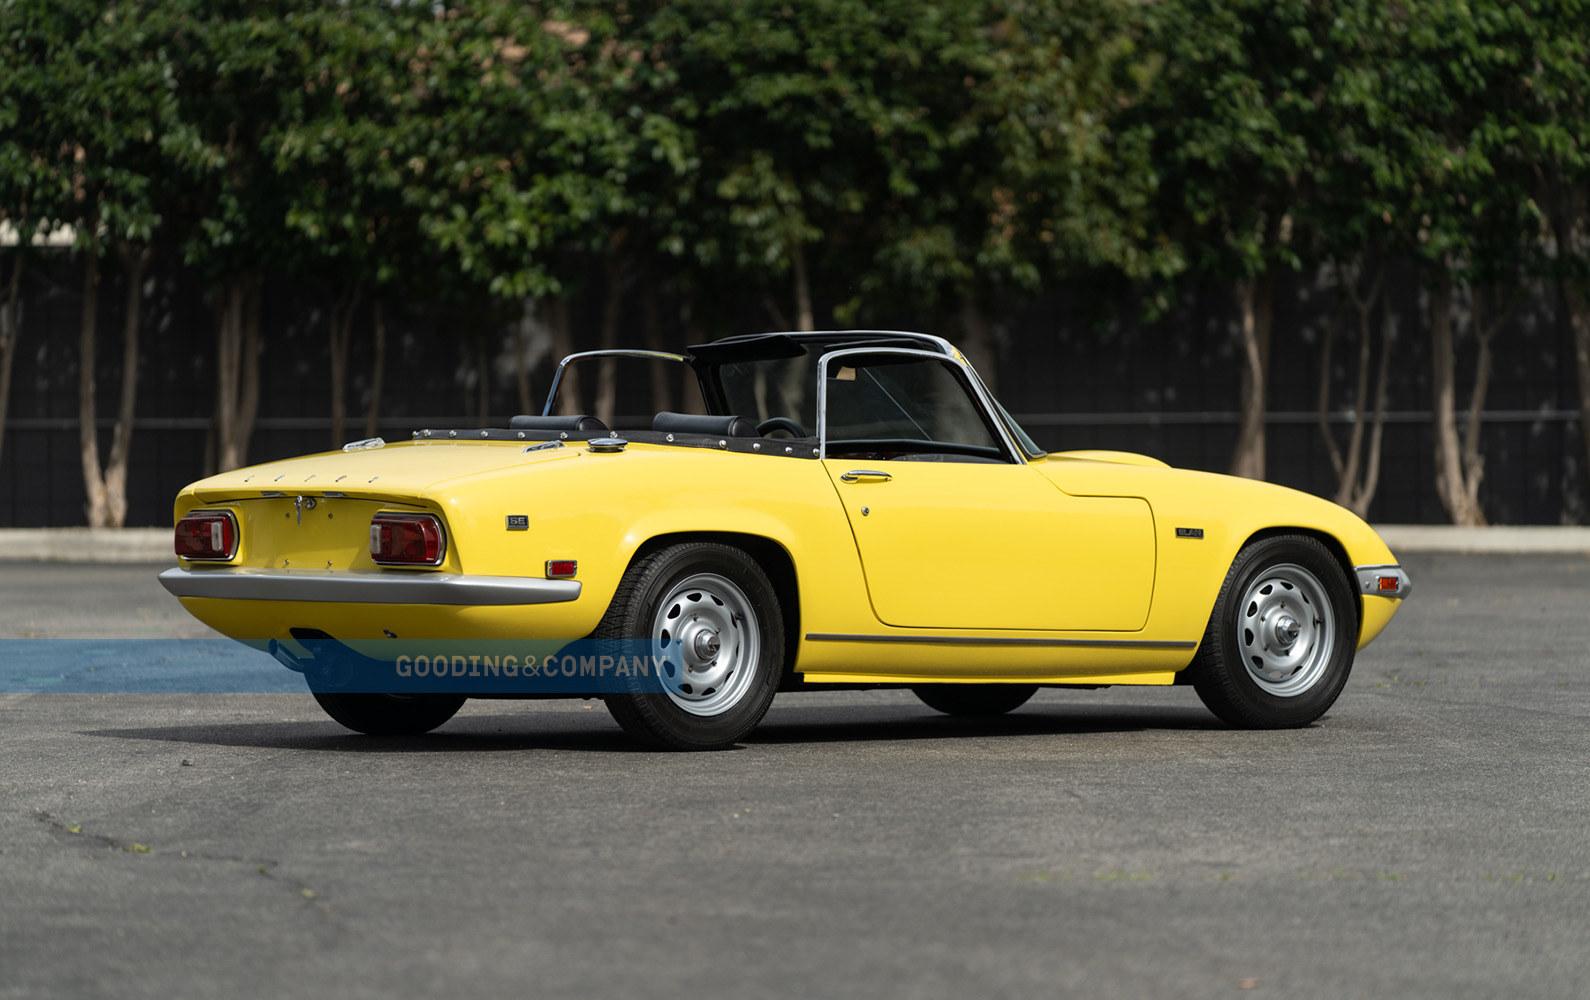 Yellow 1969 Lotus Elan SE-Rear three-quarter view, Financing for a Lotus